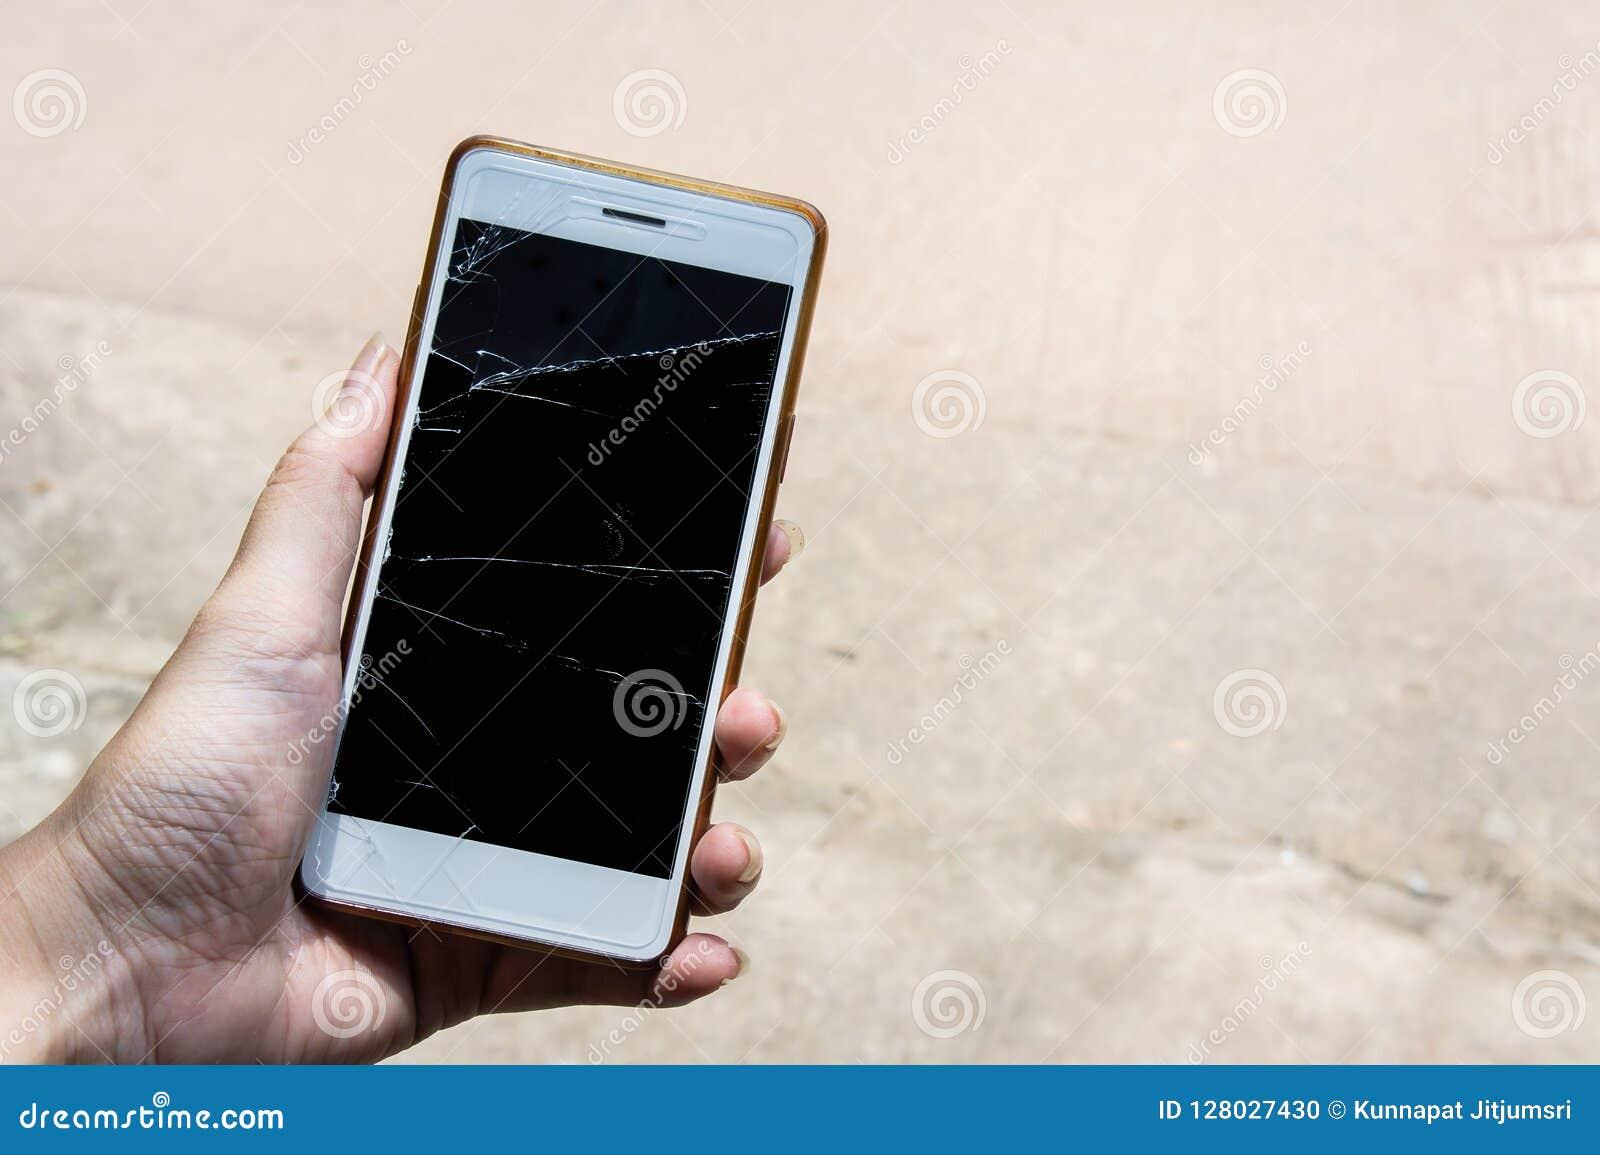 El móvil quebrado de la pantalla, moblle de la pantalla es vidrio agrietado